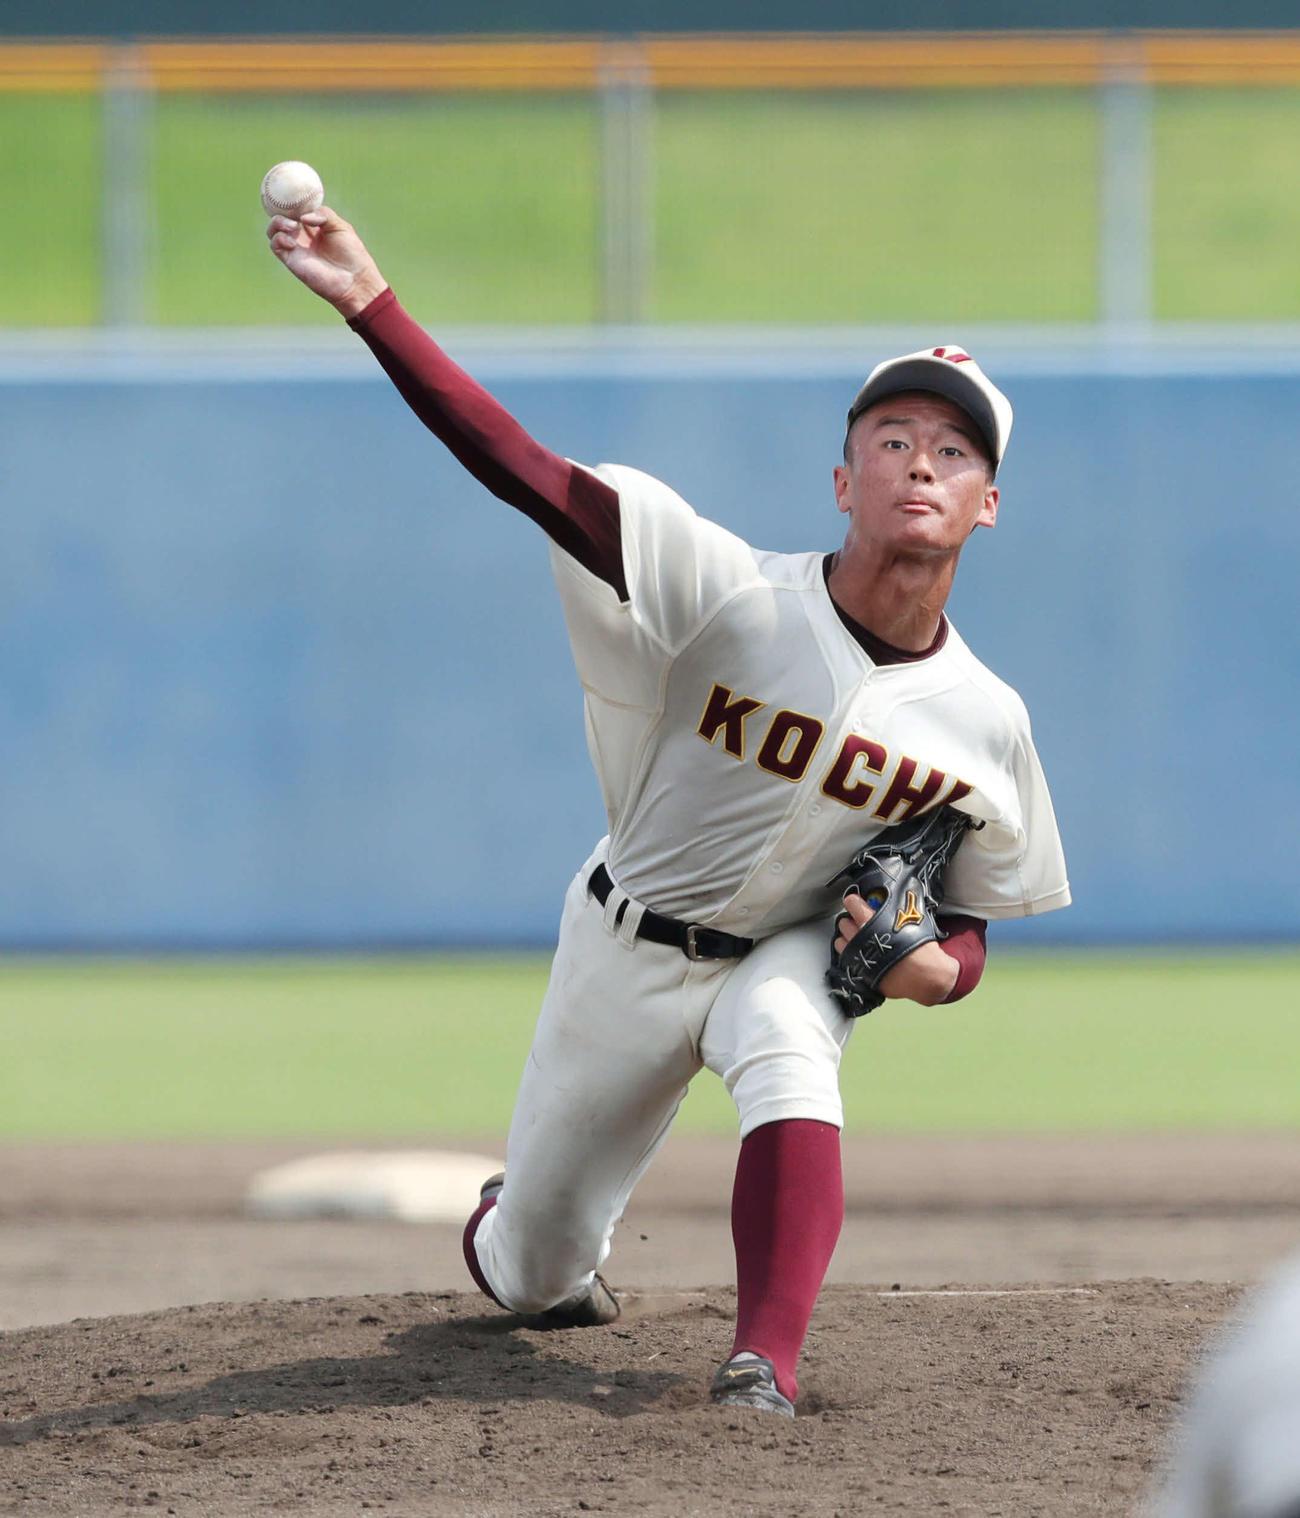 阪神がドラフト上位候補としてマークしていく高知・森木